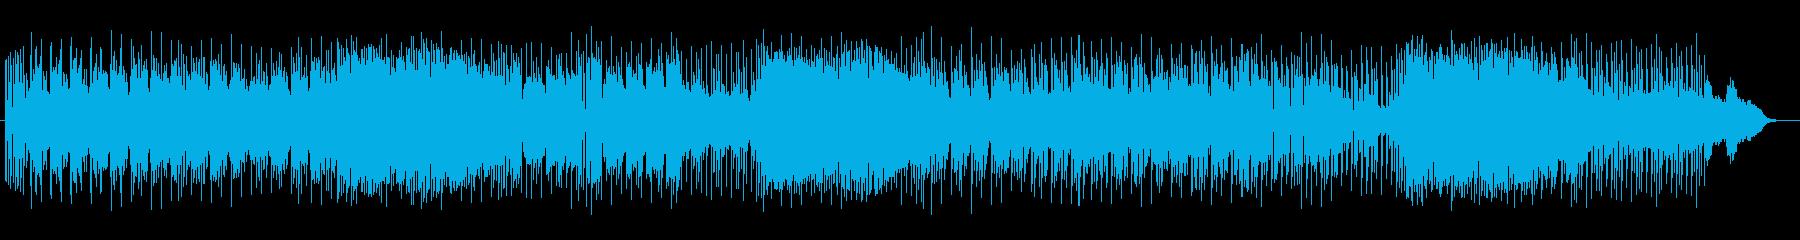 ミステリアスだけど楽しいゲーム風音楽の再生済みの波形